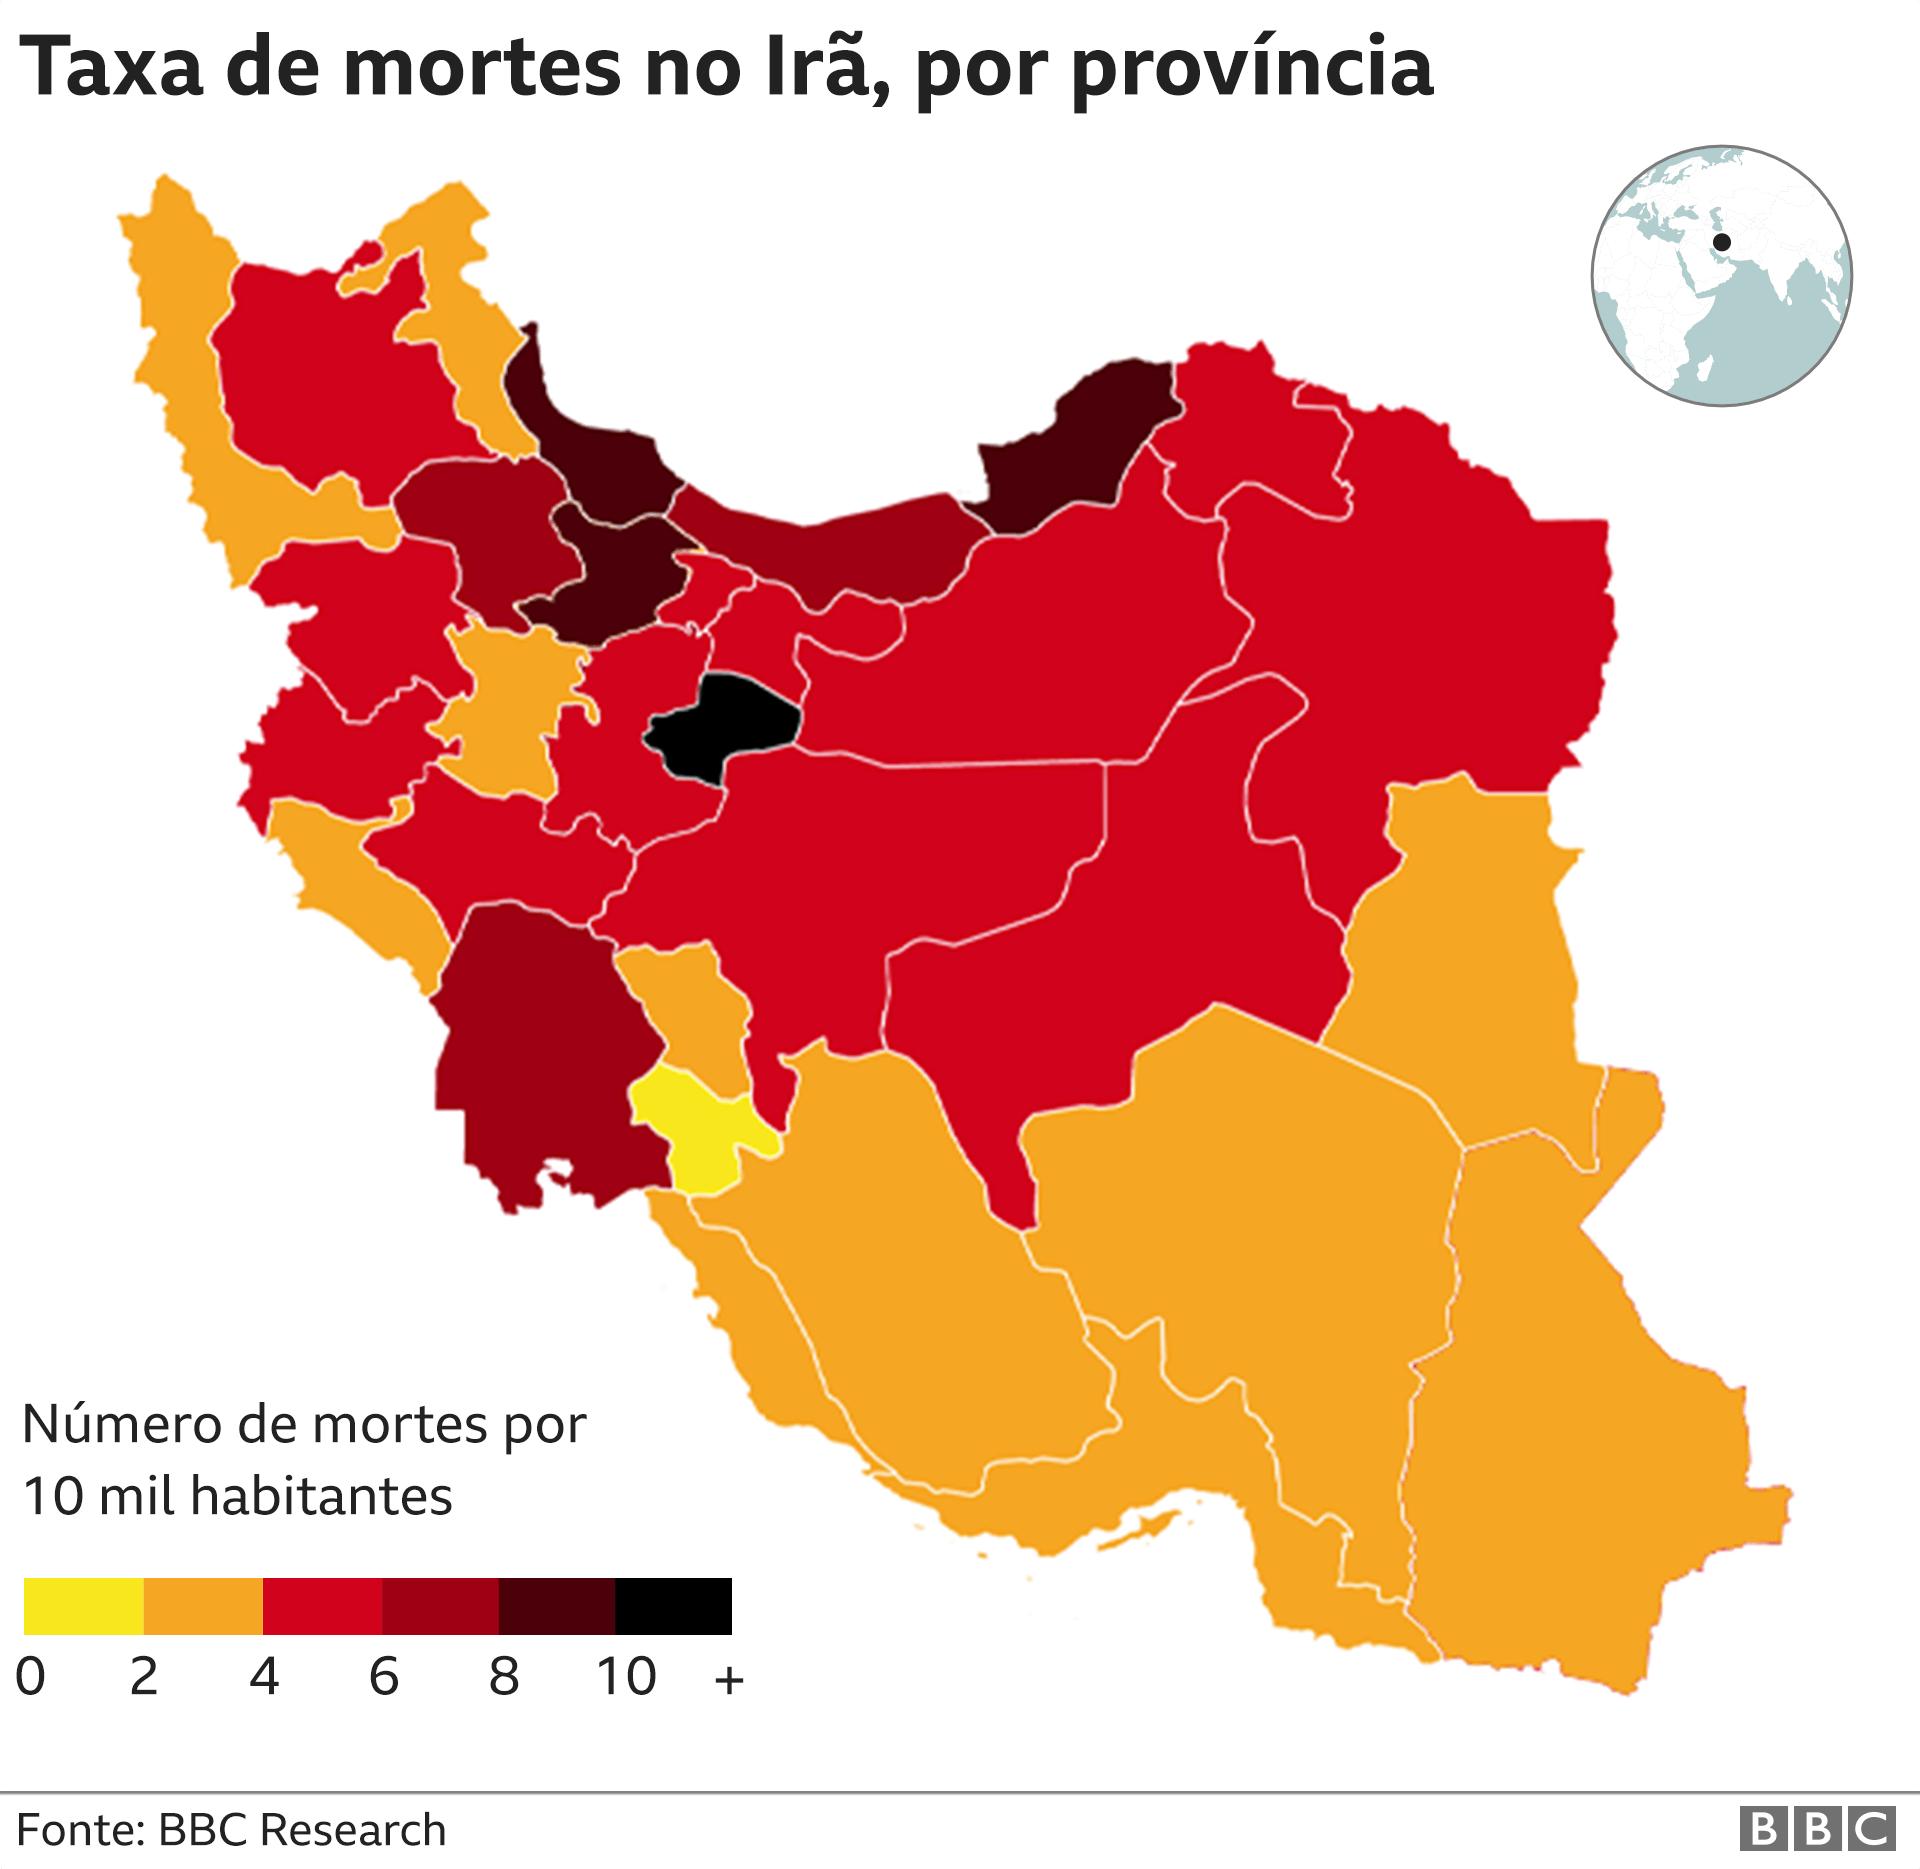 gráfico com taxa de mortes por província iraniana